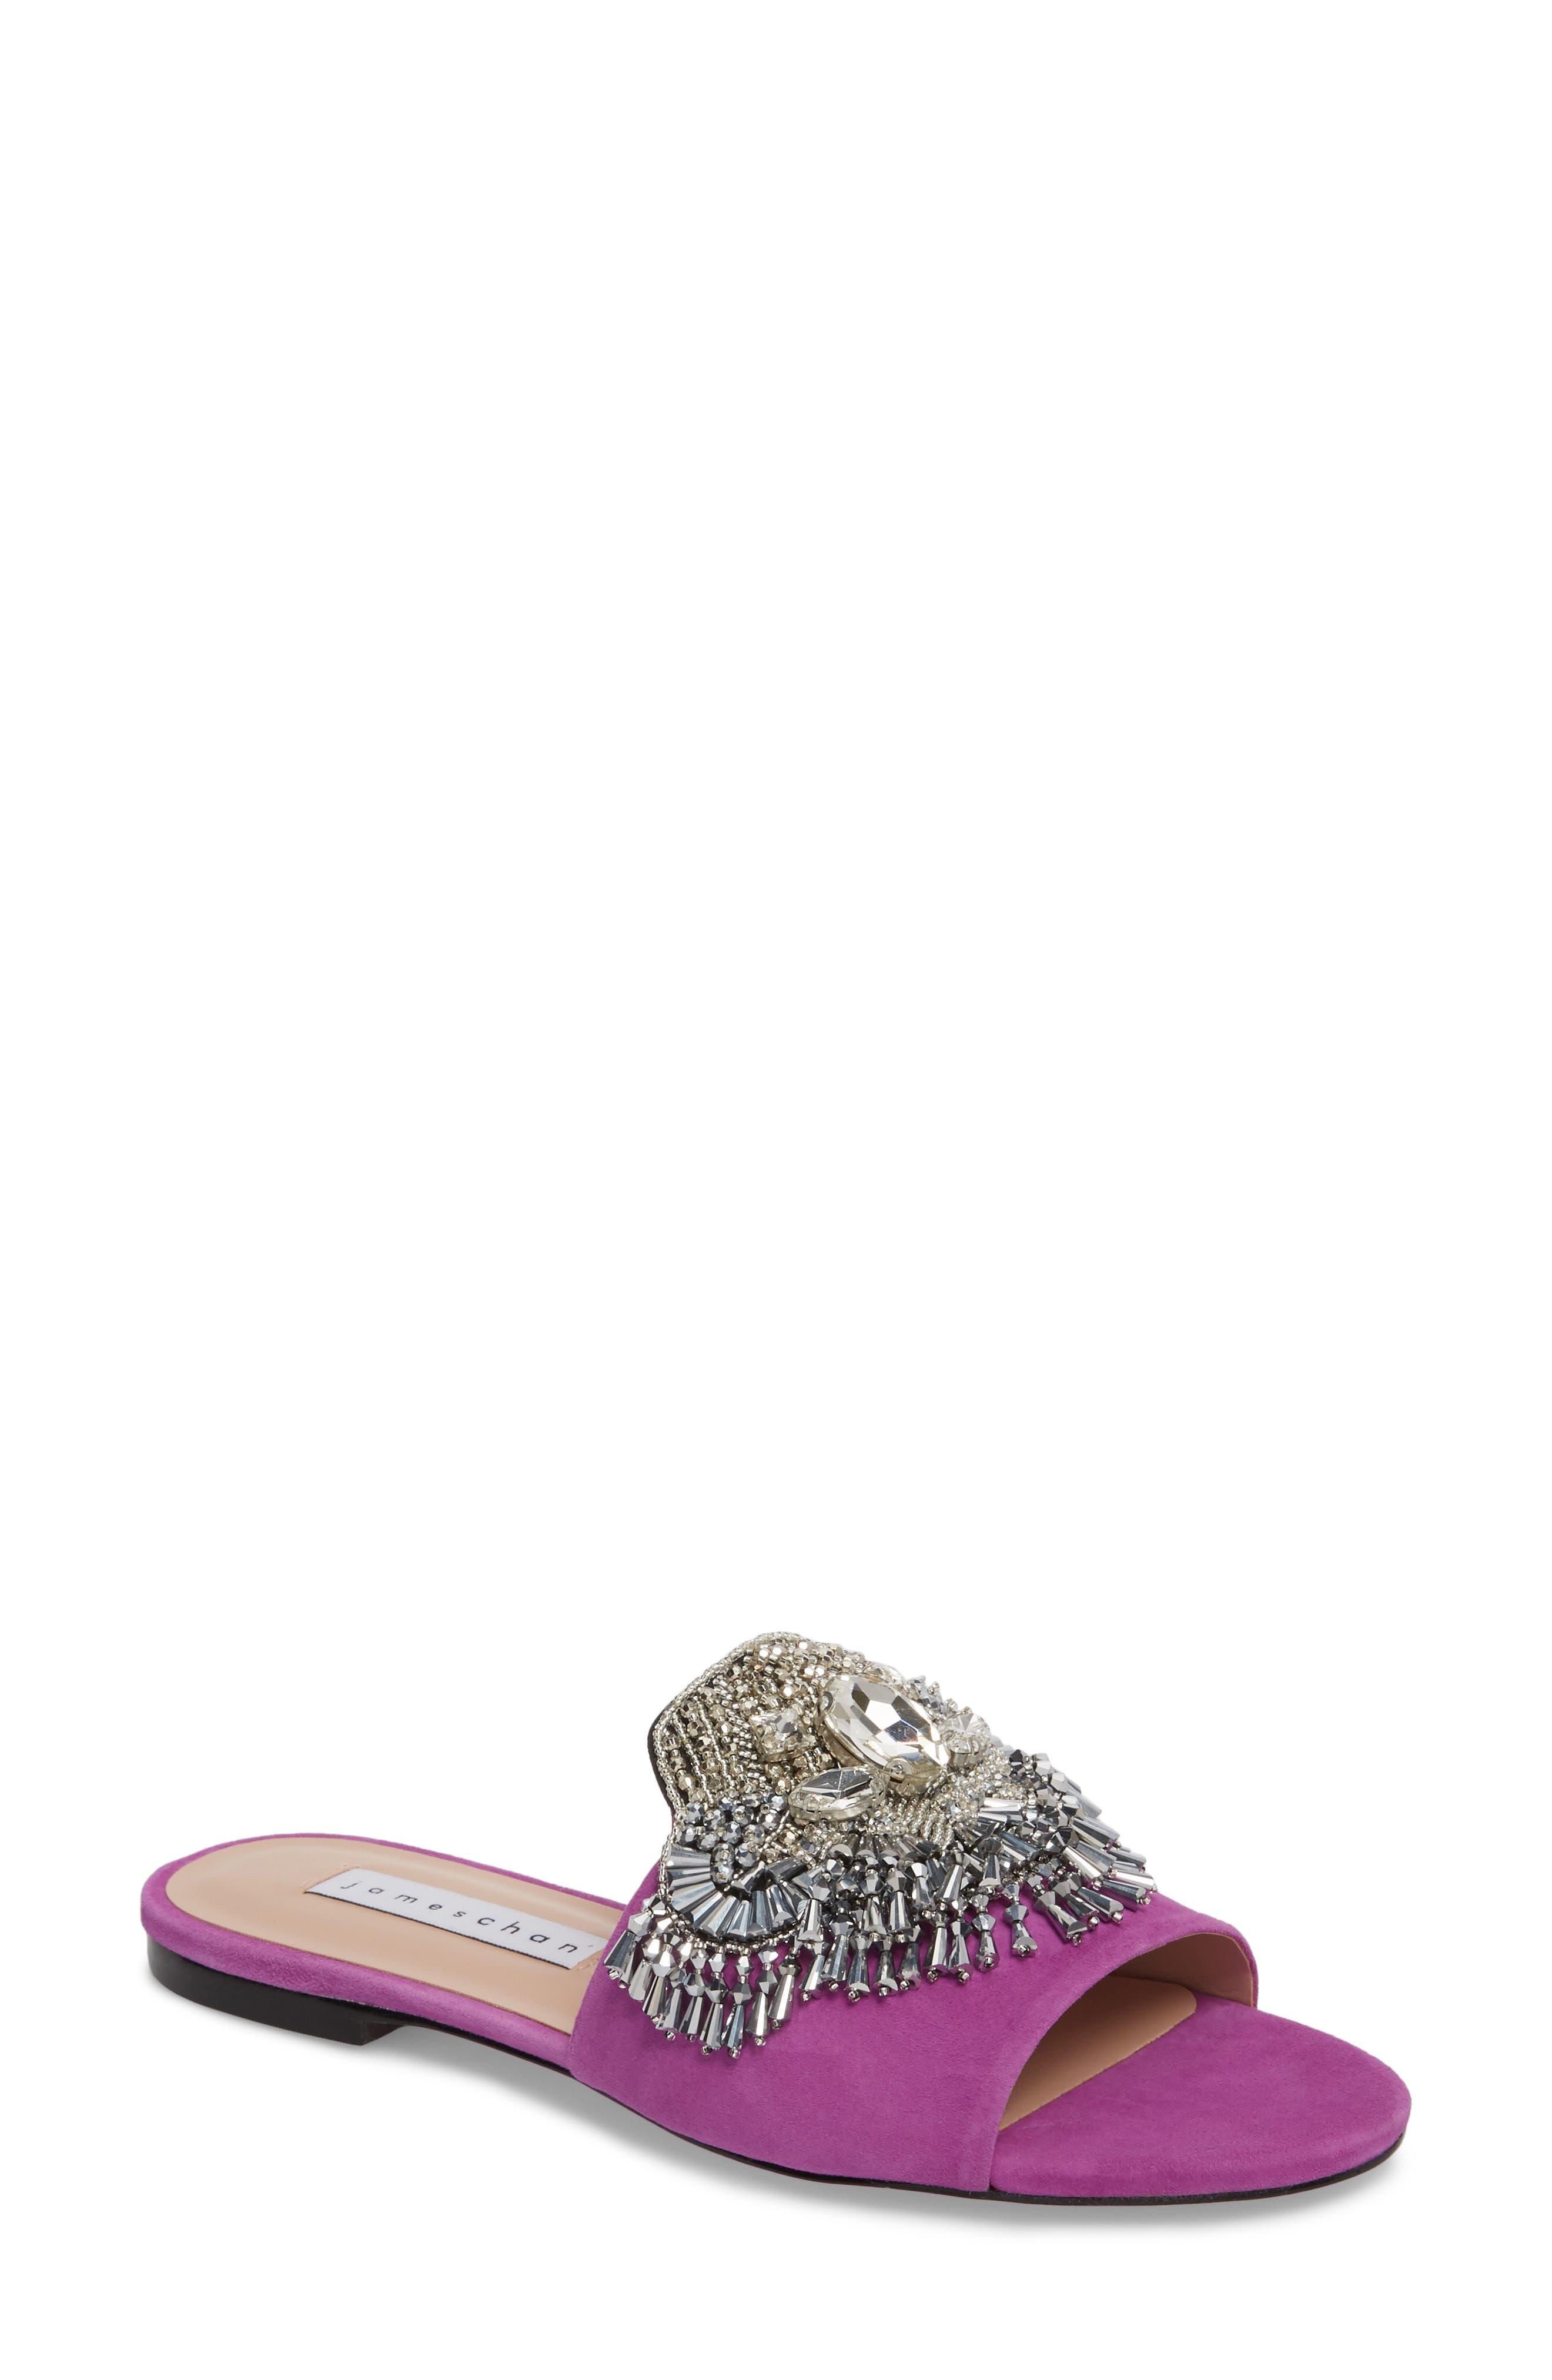 Main Image - James Chan Jallie Crystal Embellished Slide (Women)